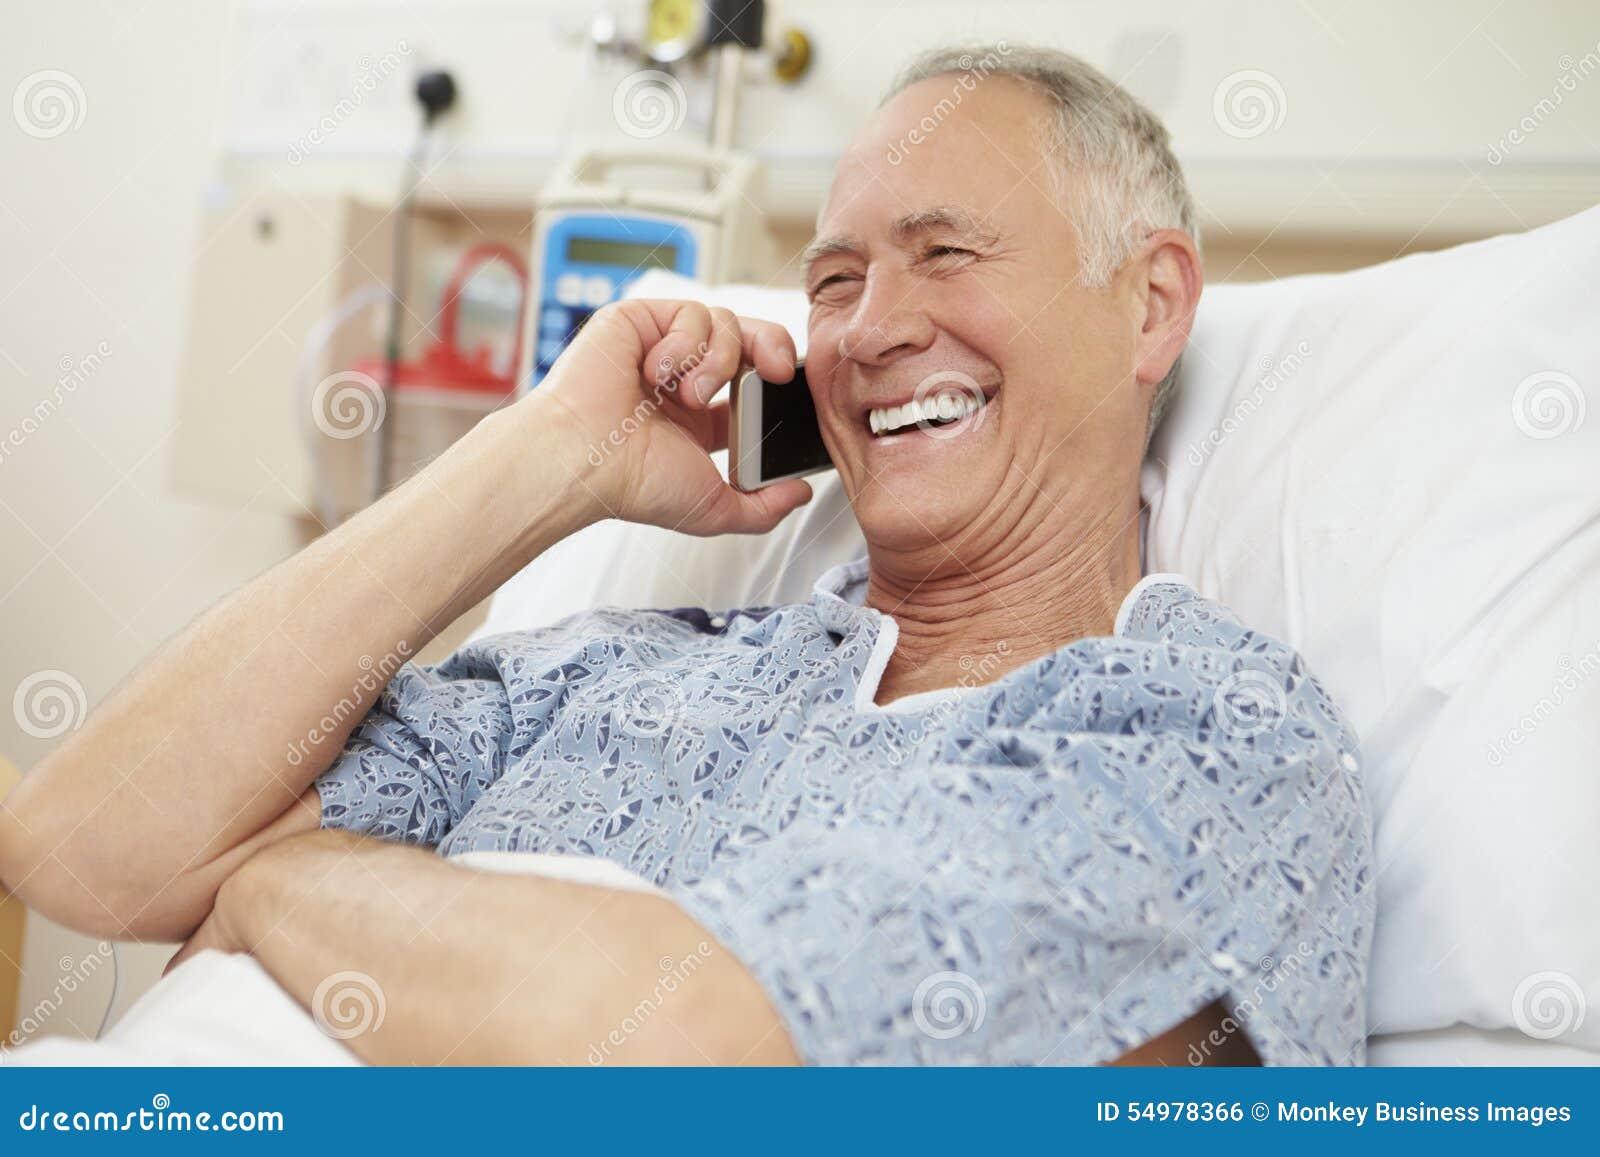 Старший мужской пациент используя мобильный телефон в больничной койке